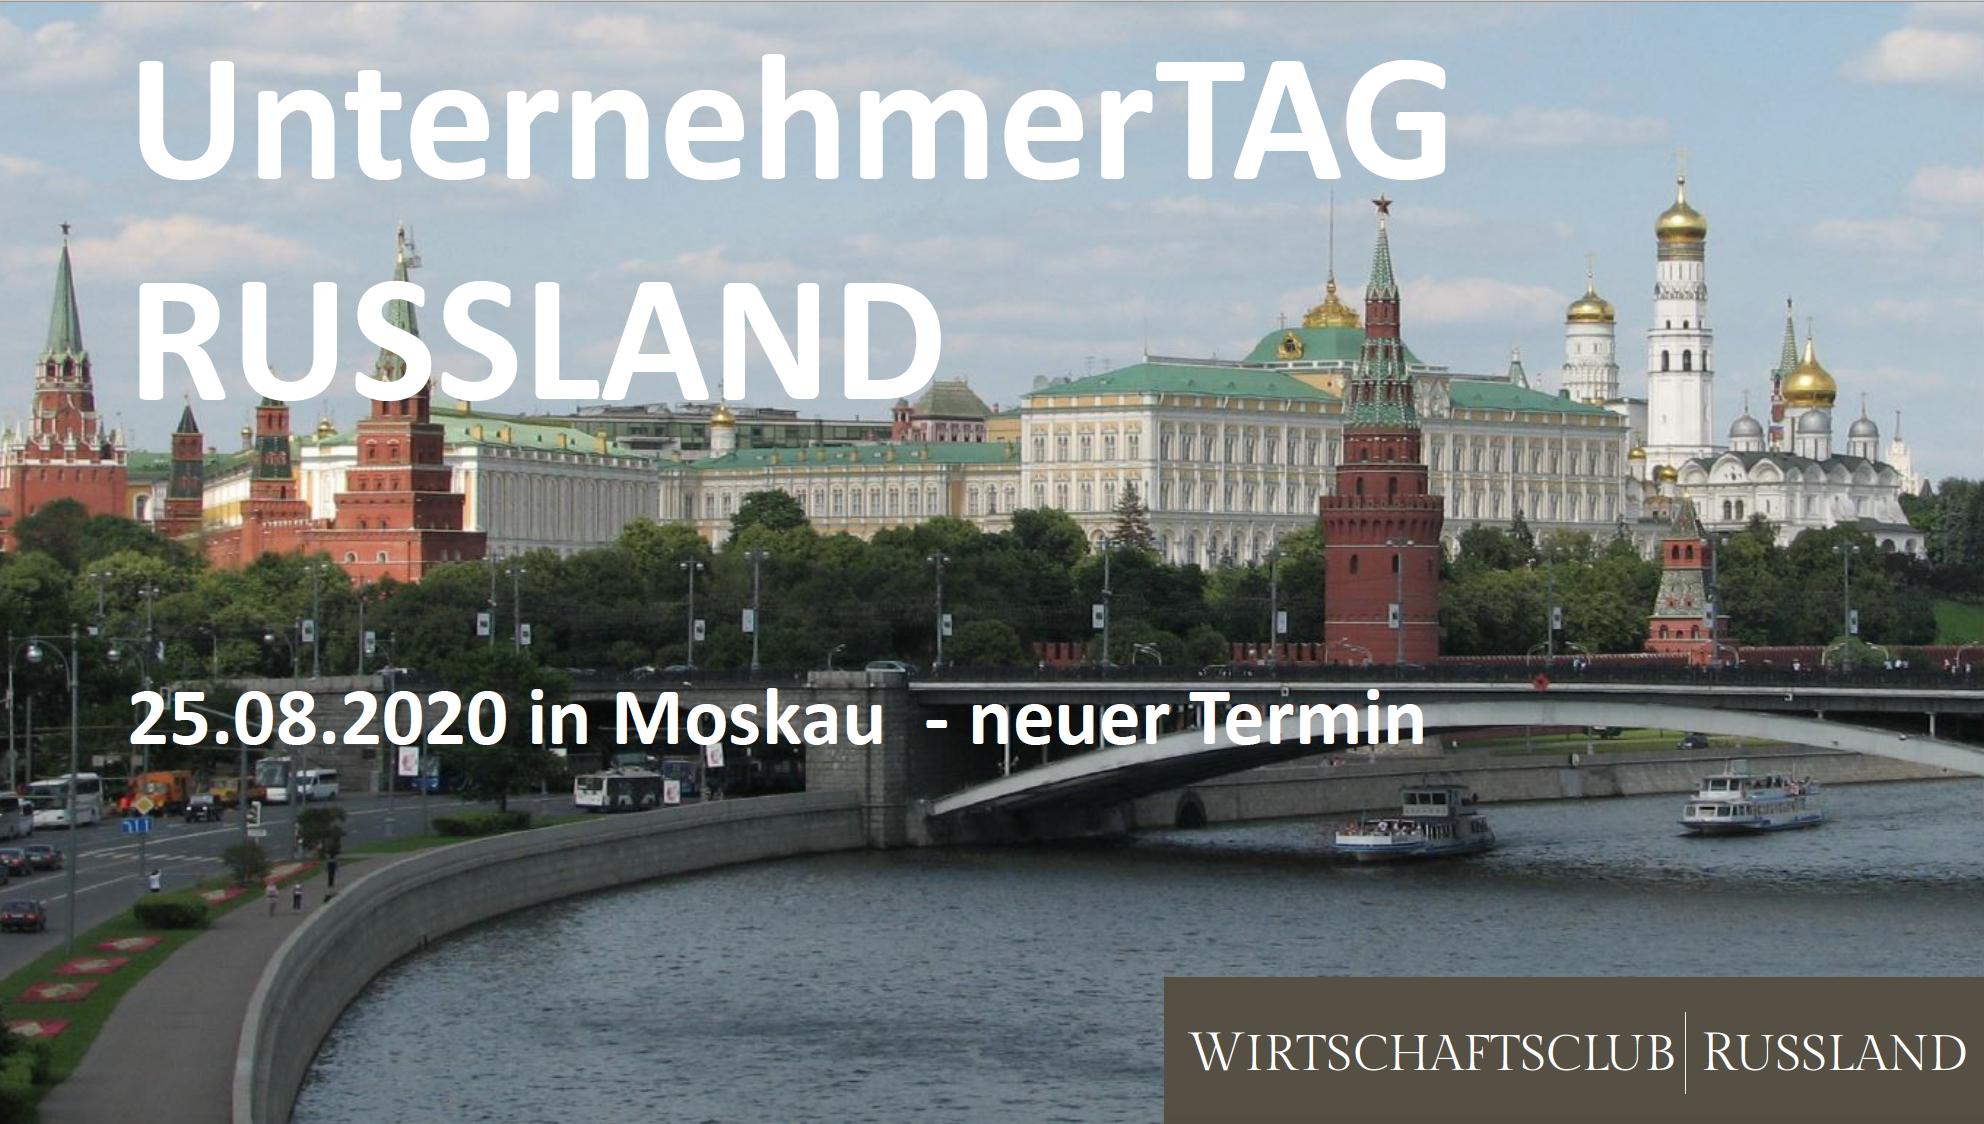 Moskau: 30.9.2020 - Unternehmertag Russland